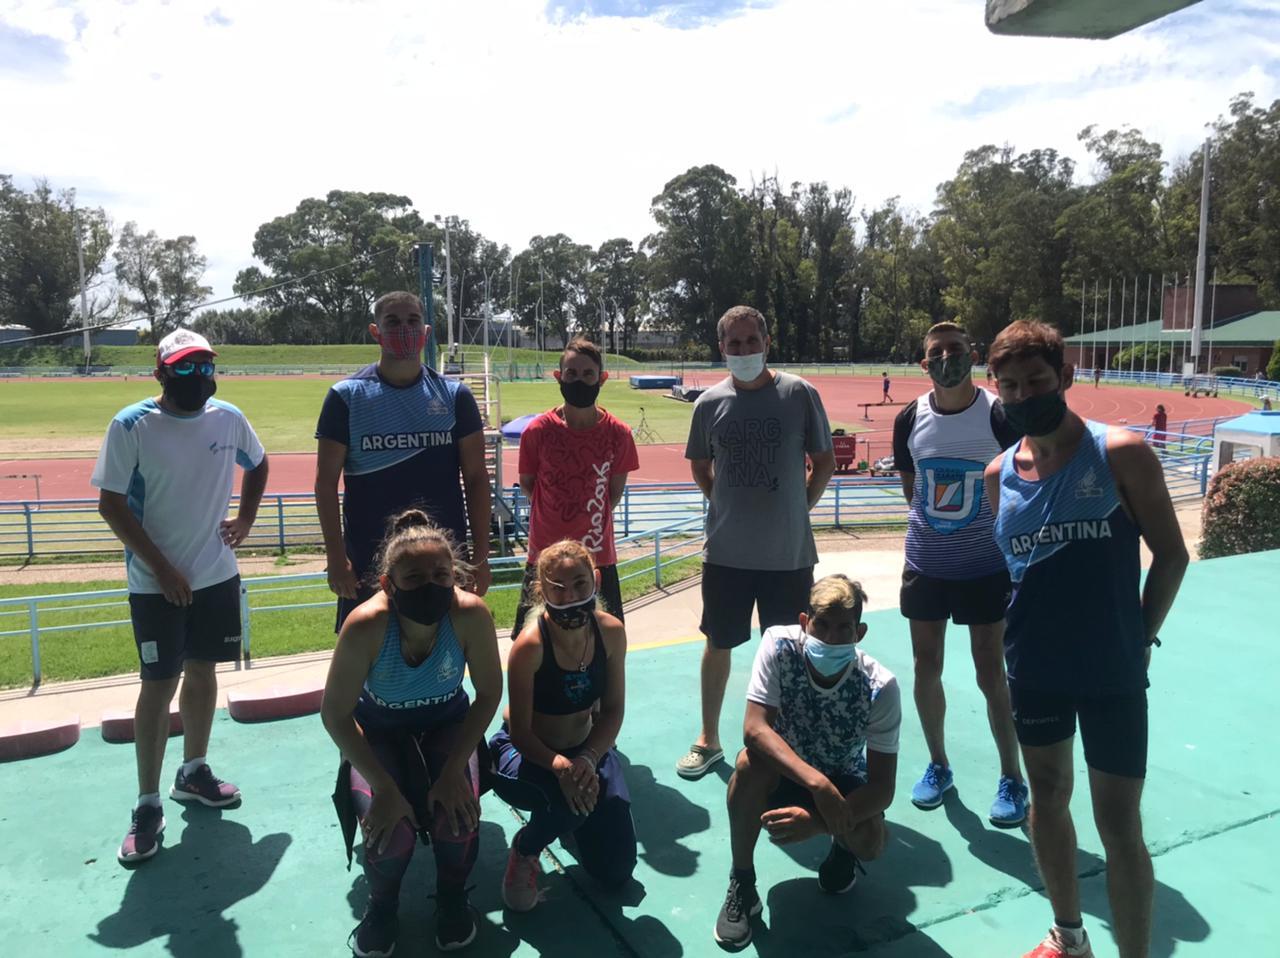 Atletismo paralímpico: los atletas de FADEPAC, encabezados por Barreto, sumaron importantes registros en distintos puntos del país